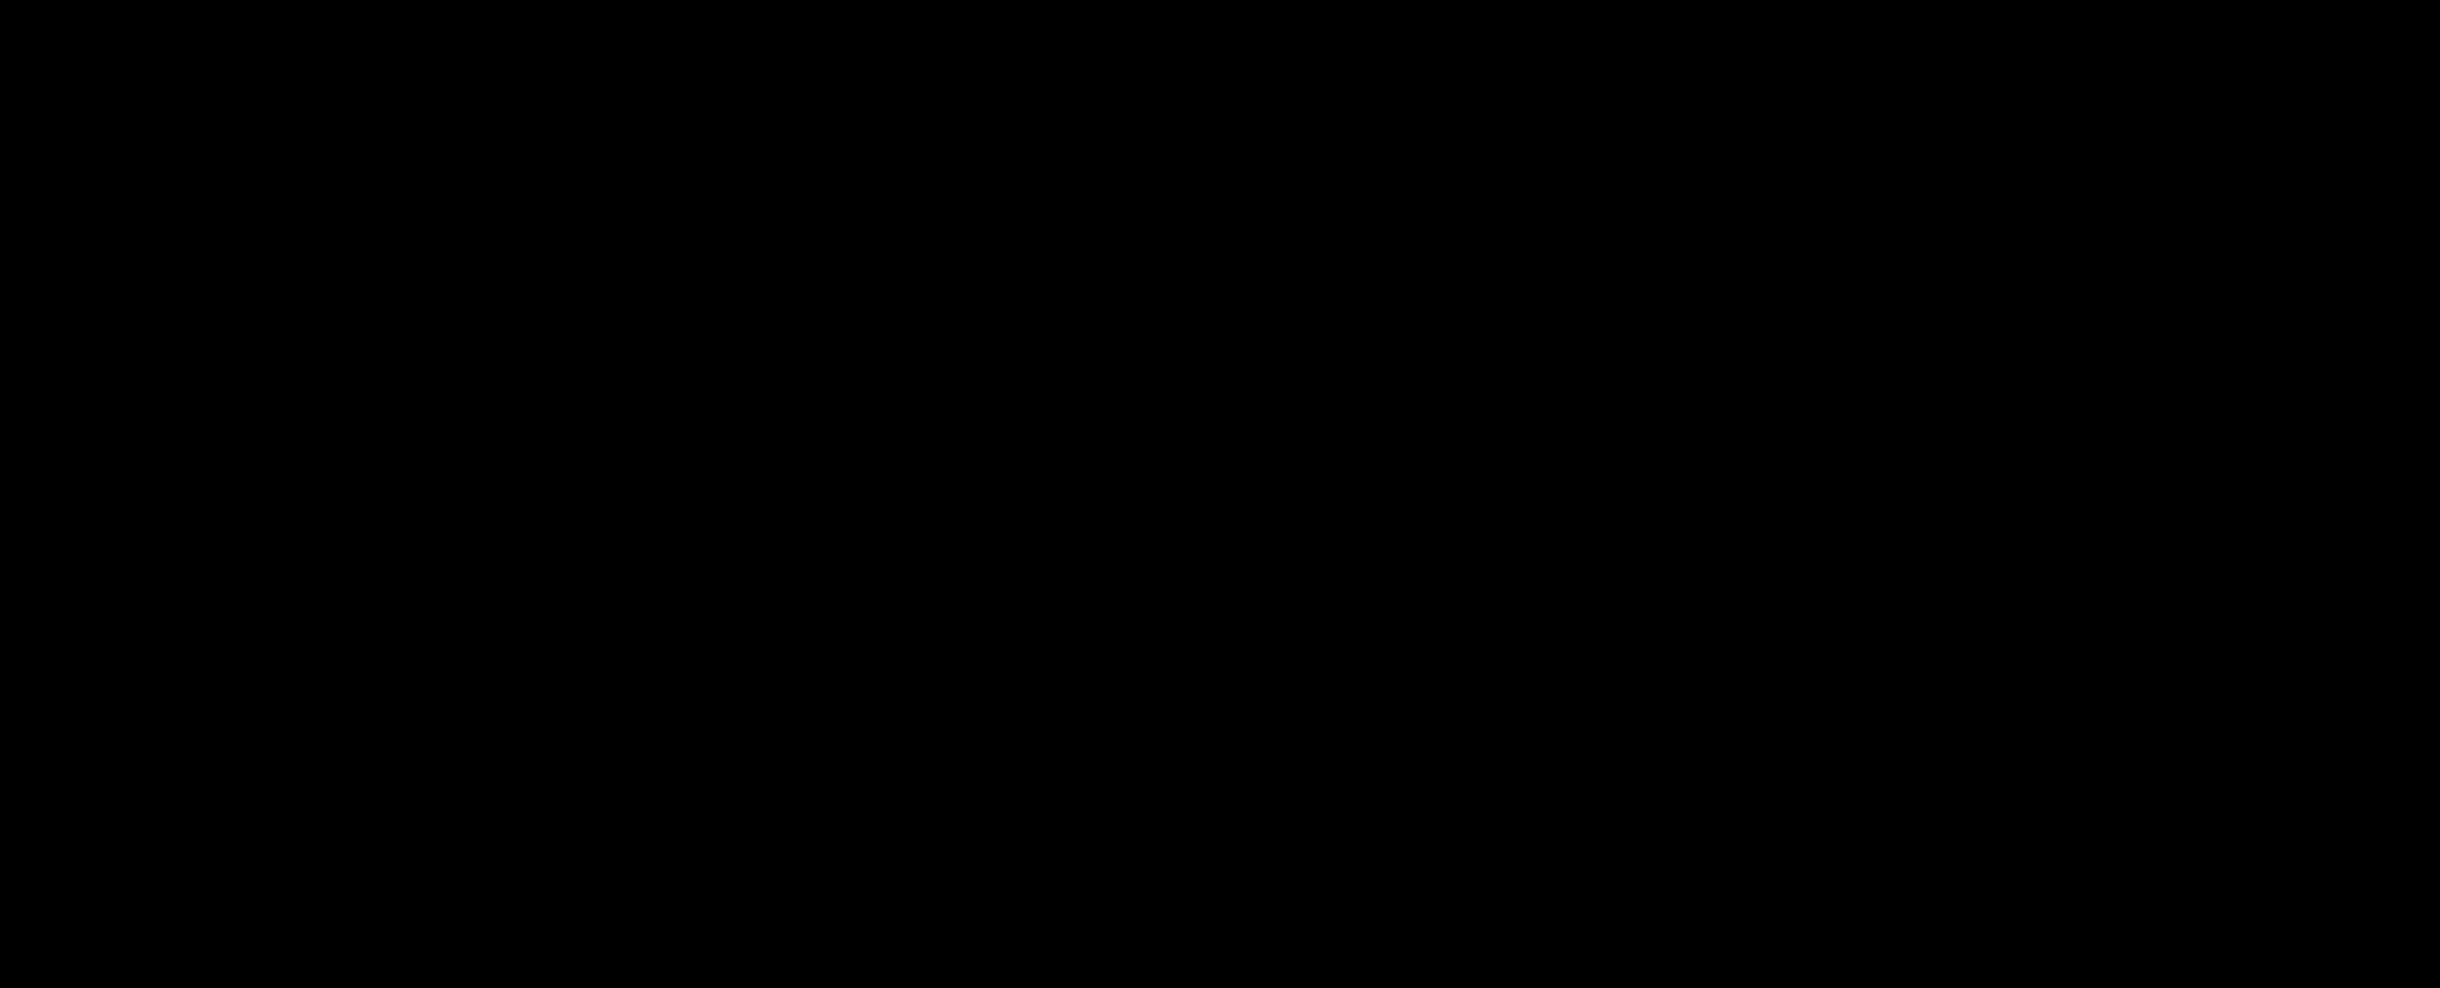 N-(8-Dansyl-d<sub>6</sub> amino)octyl-1-adamantane carboxamide